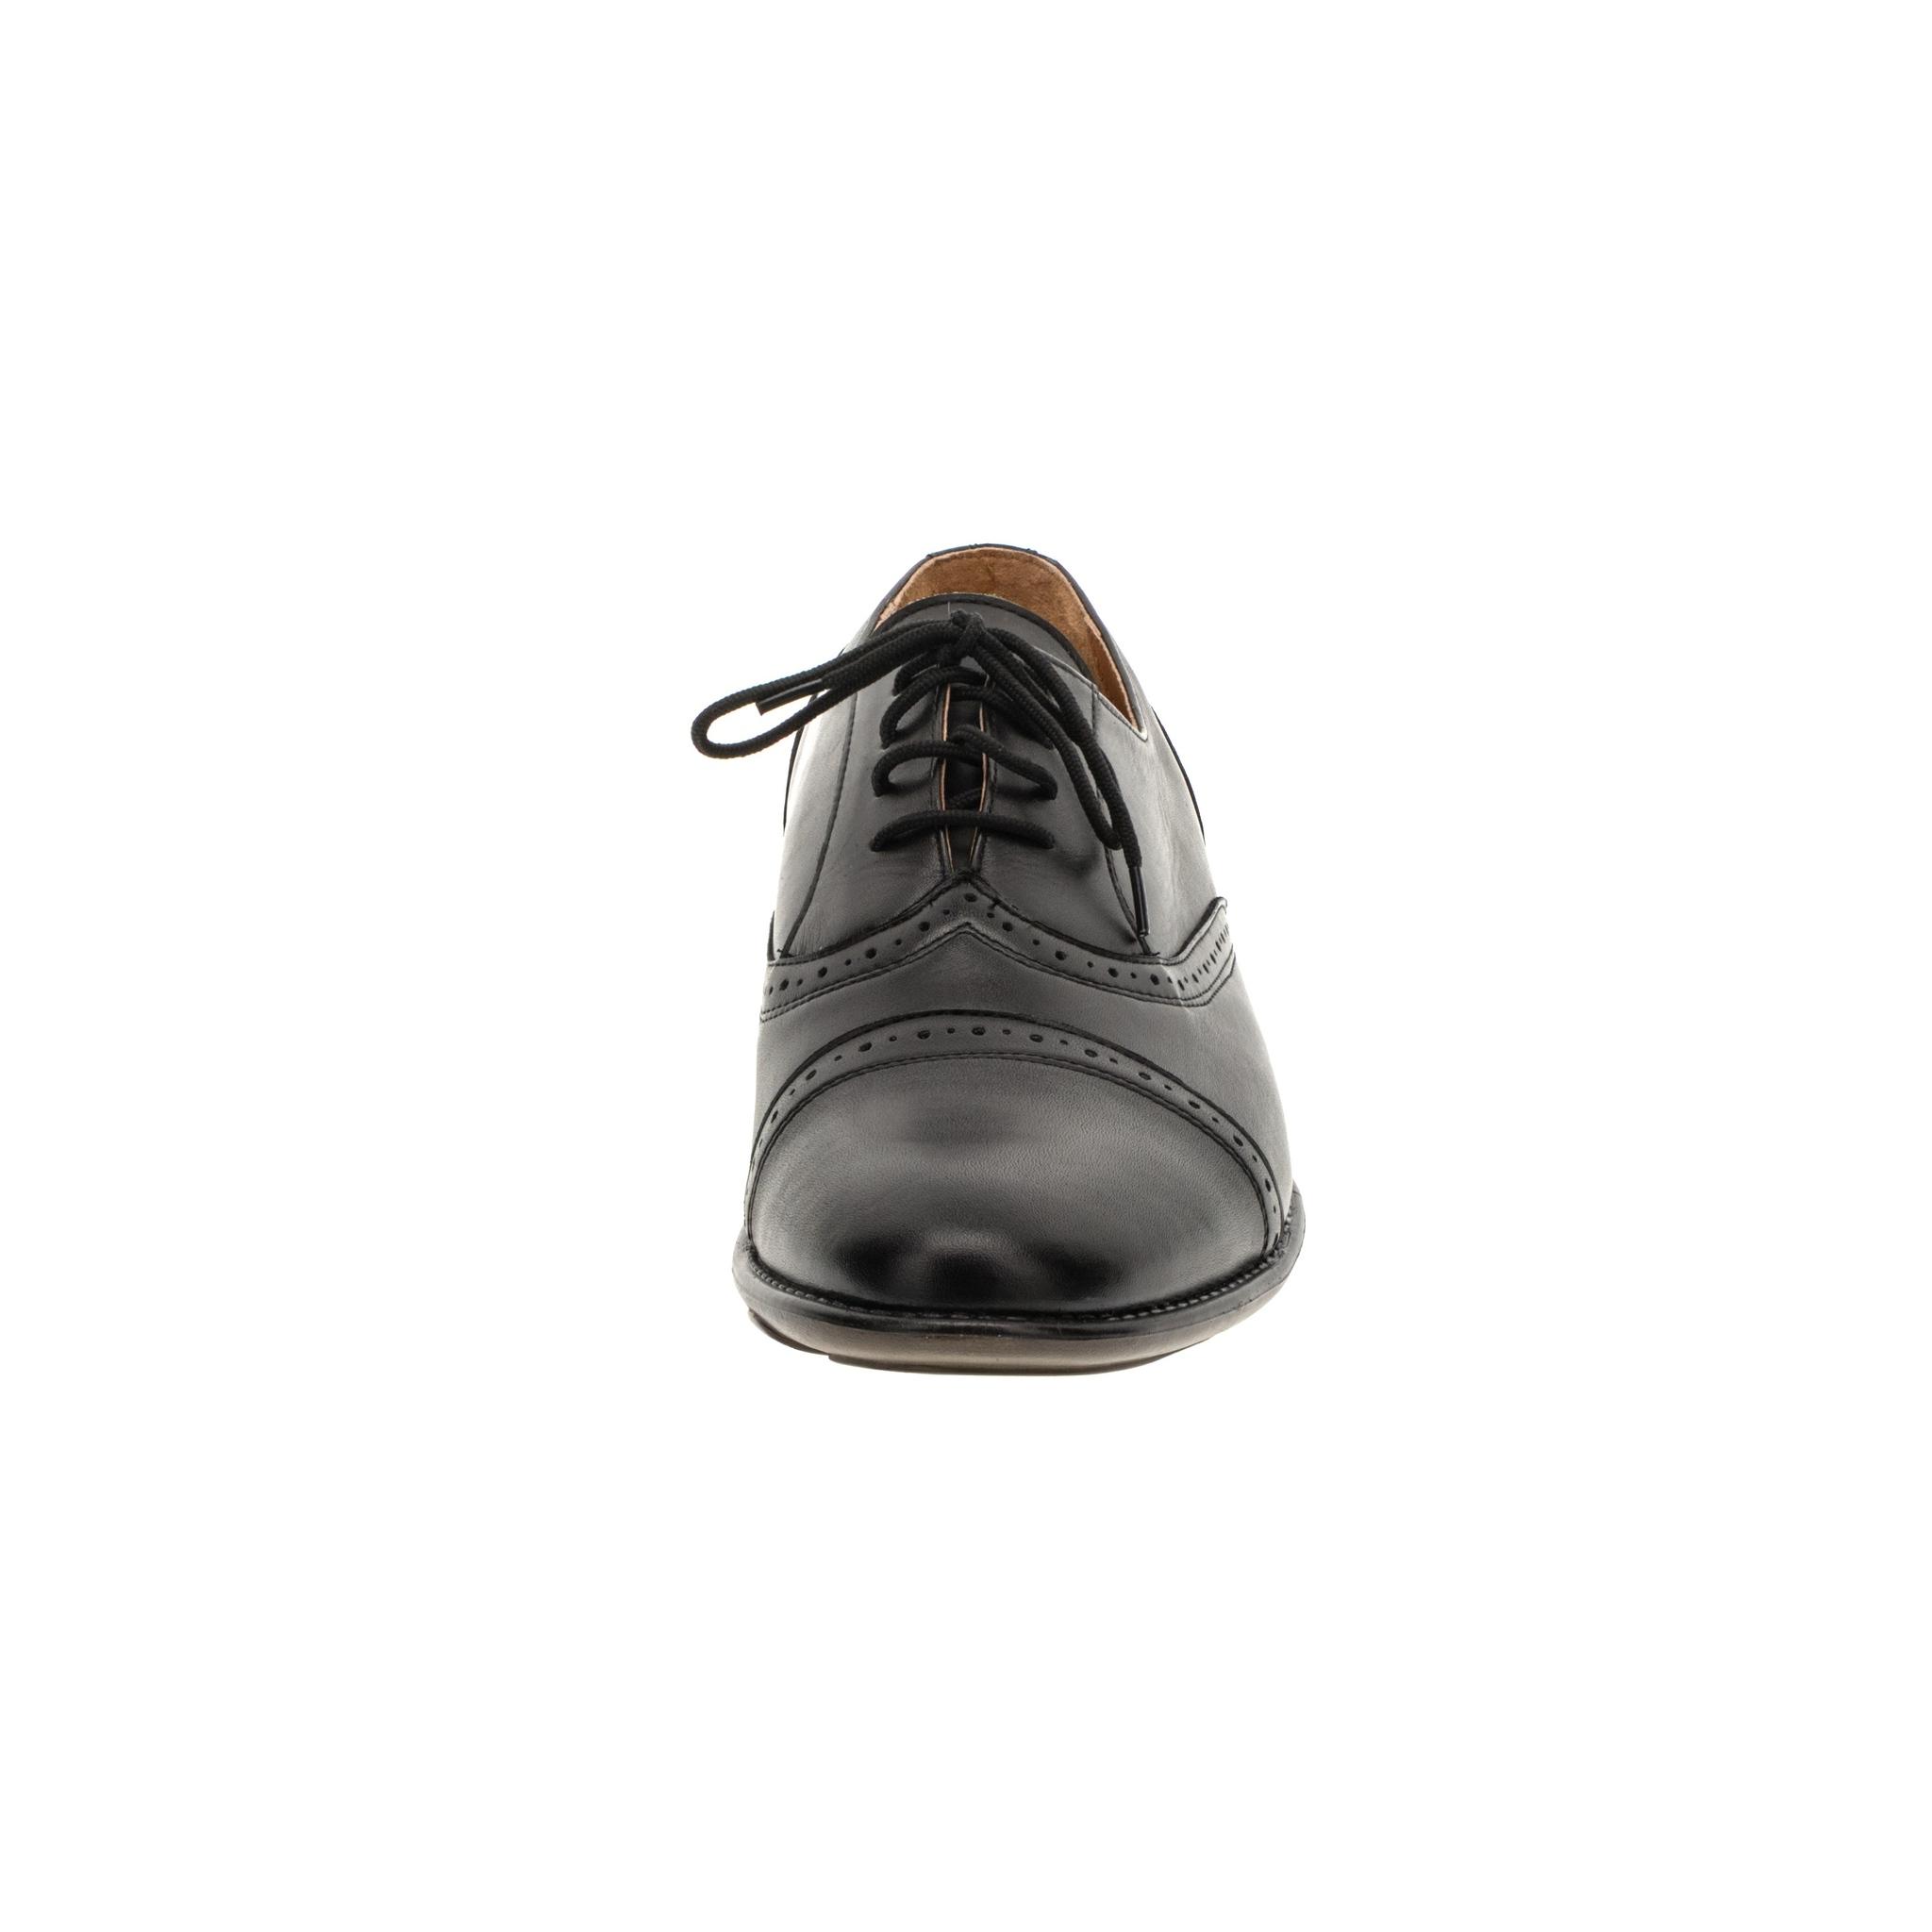 497280 туфли мужские больших размеров марки Делфино